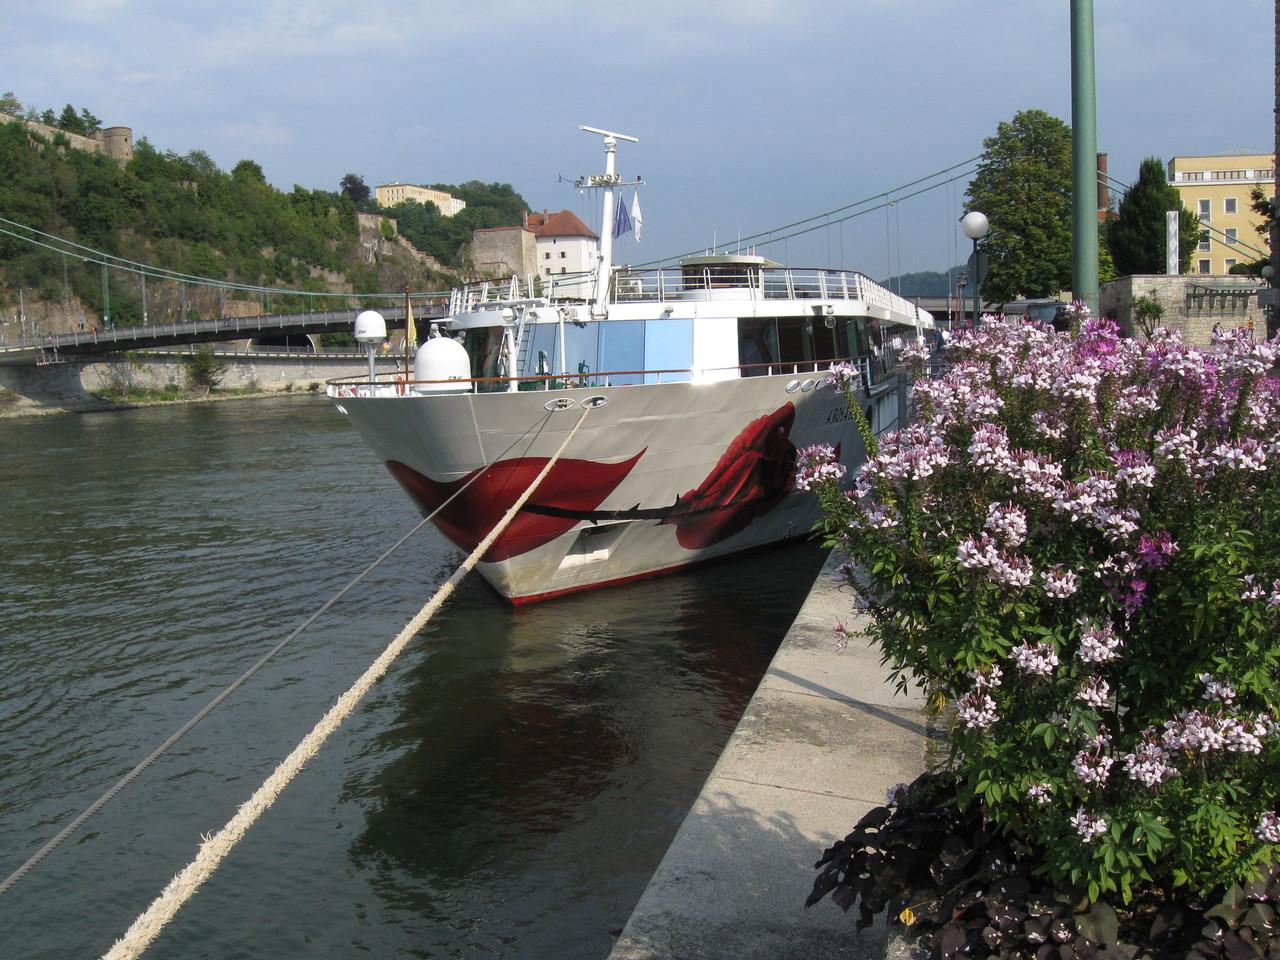 Fluss-Kreuzfahrt-Schiff am Anleger in Passau